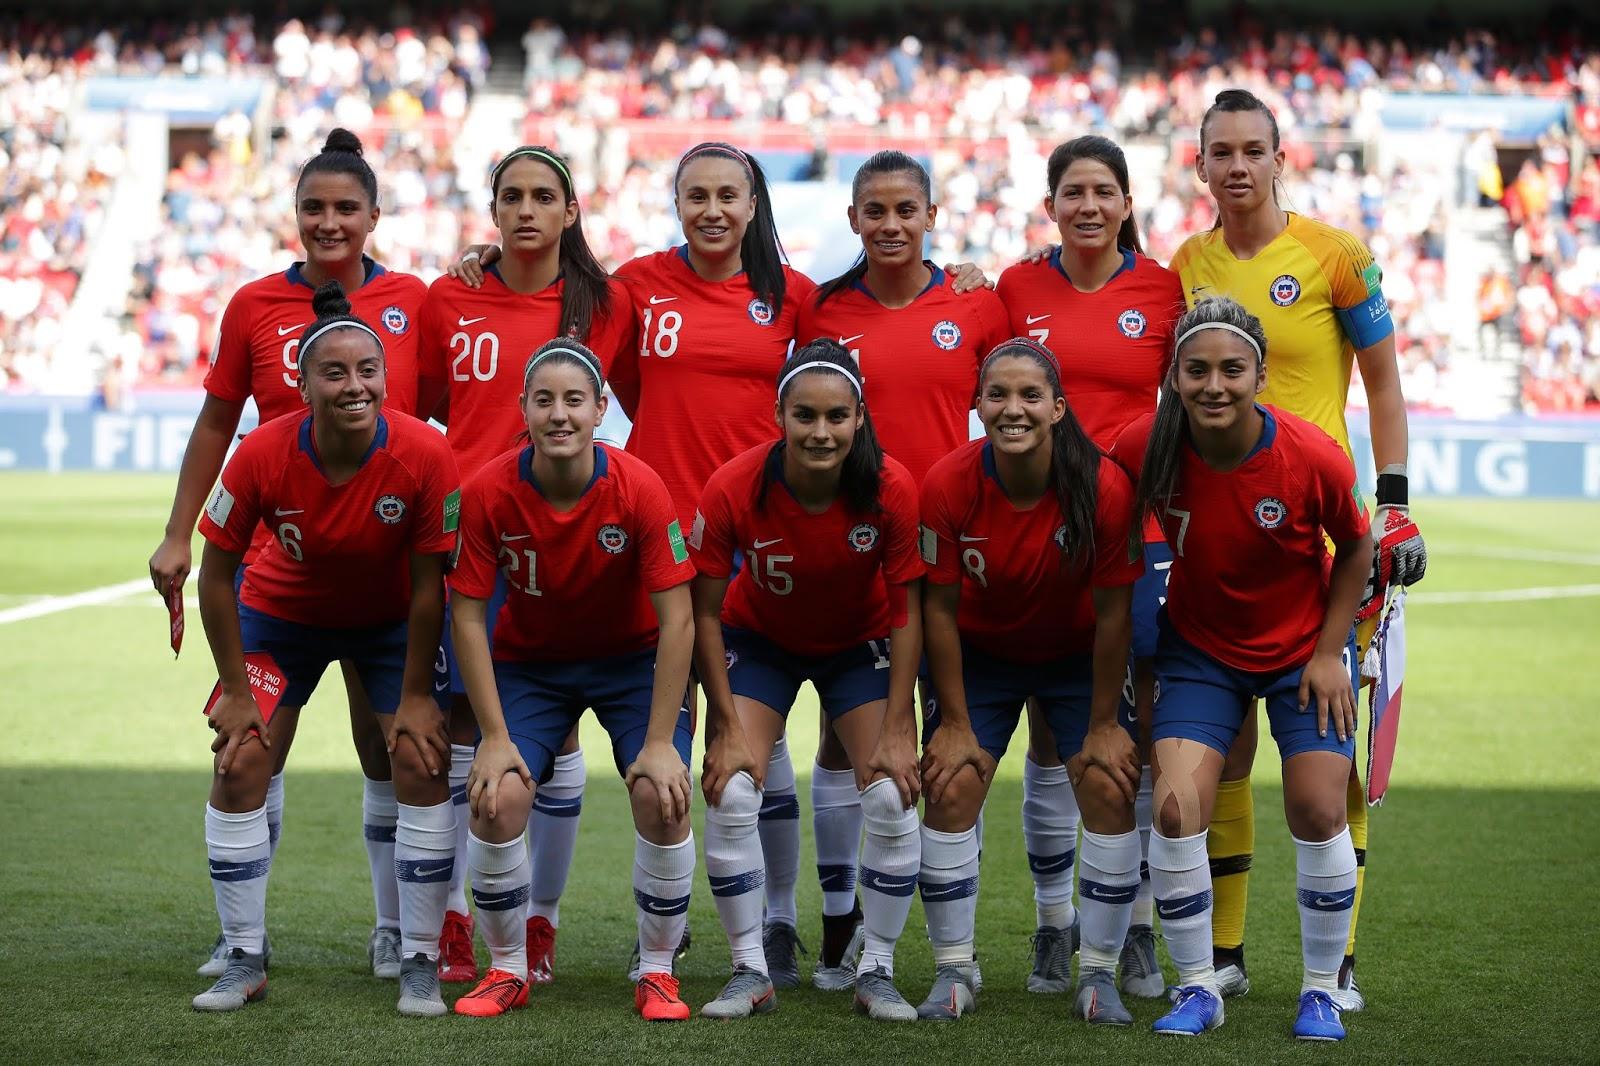 Formación de selección de Chile ante Estados Unidos, Copa Mundial Femenina de Fútbol Francia 2019, 16 de junio